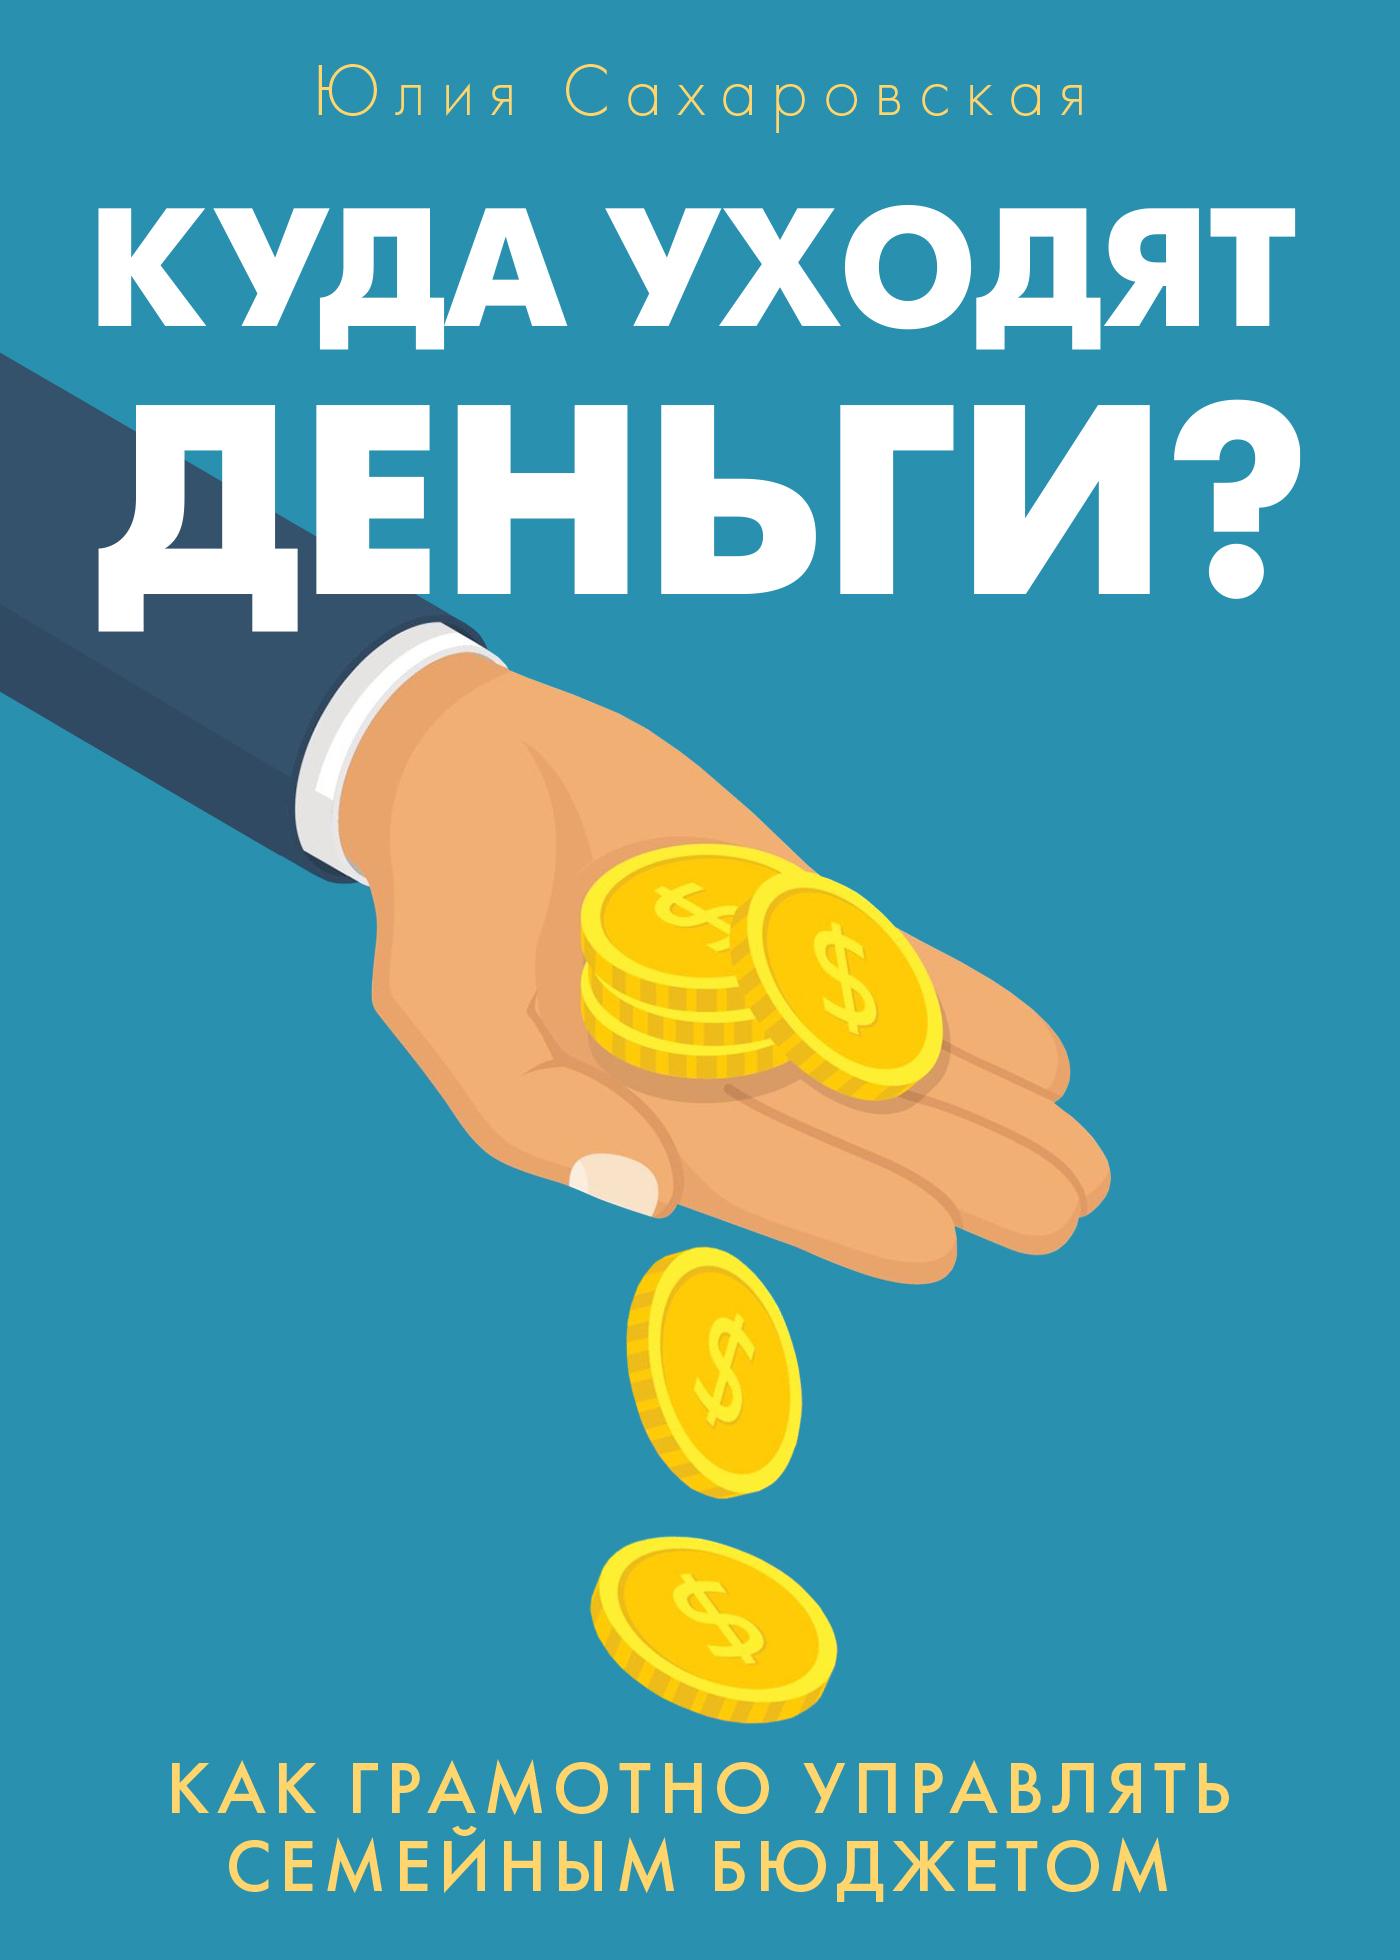 Юлия Сахаровская Куда уходят деньги. Как грамотно управлять семейным бюджетом жюль верн путешествие и приключения капитана гаттераса